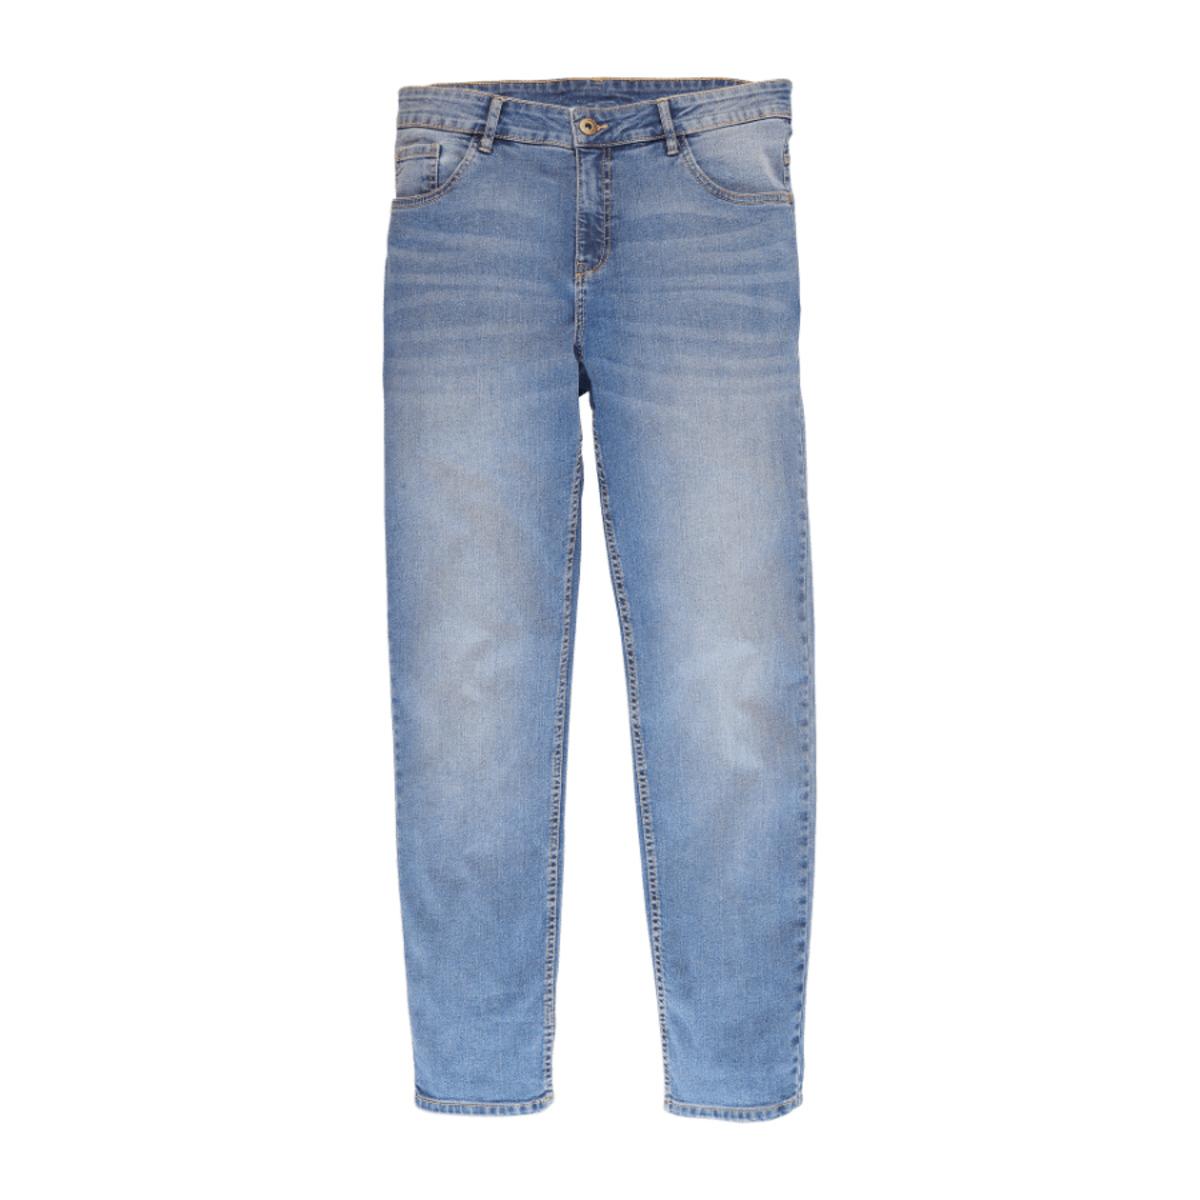 Bild 3 von UP2FASHION     Jeans